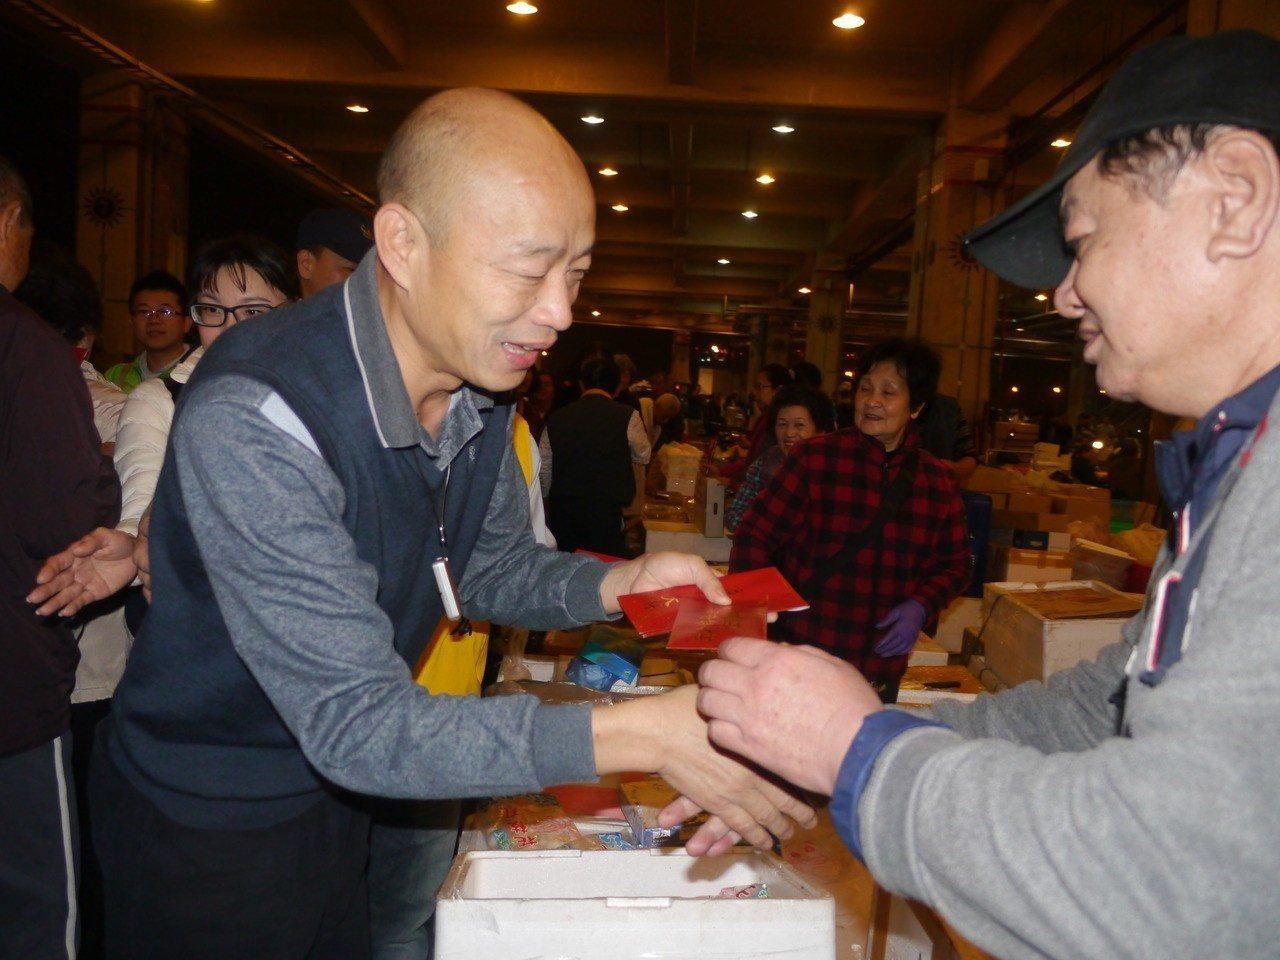 高雄市長韓國瑜初次視察魚市場,發送紅包拜早年。記者徐白櫻/攝影